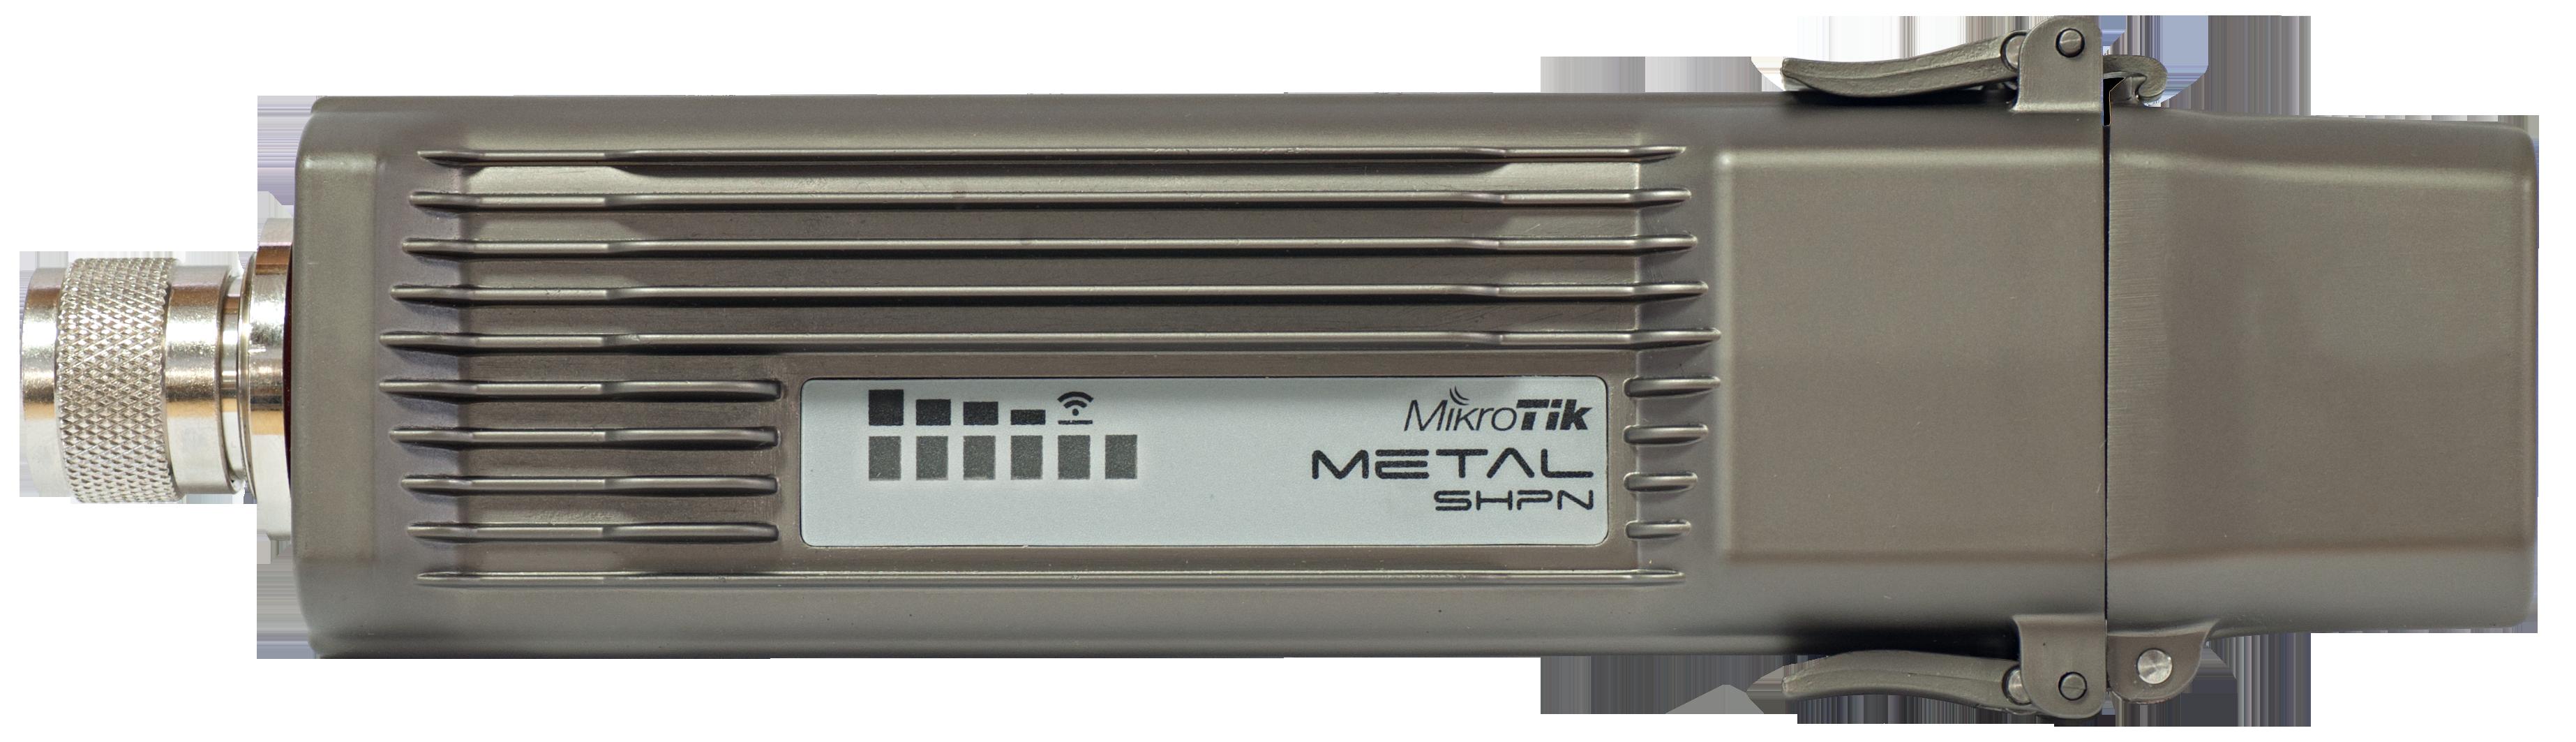 Беспроводная точка доступа Mikrotik Metal 5SHPn